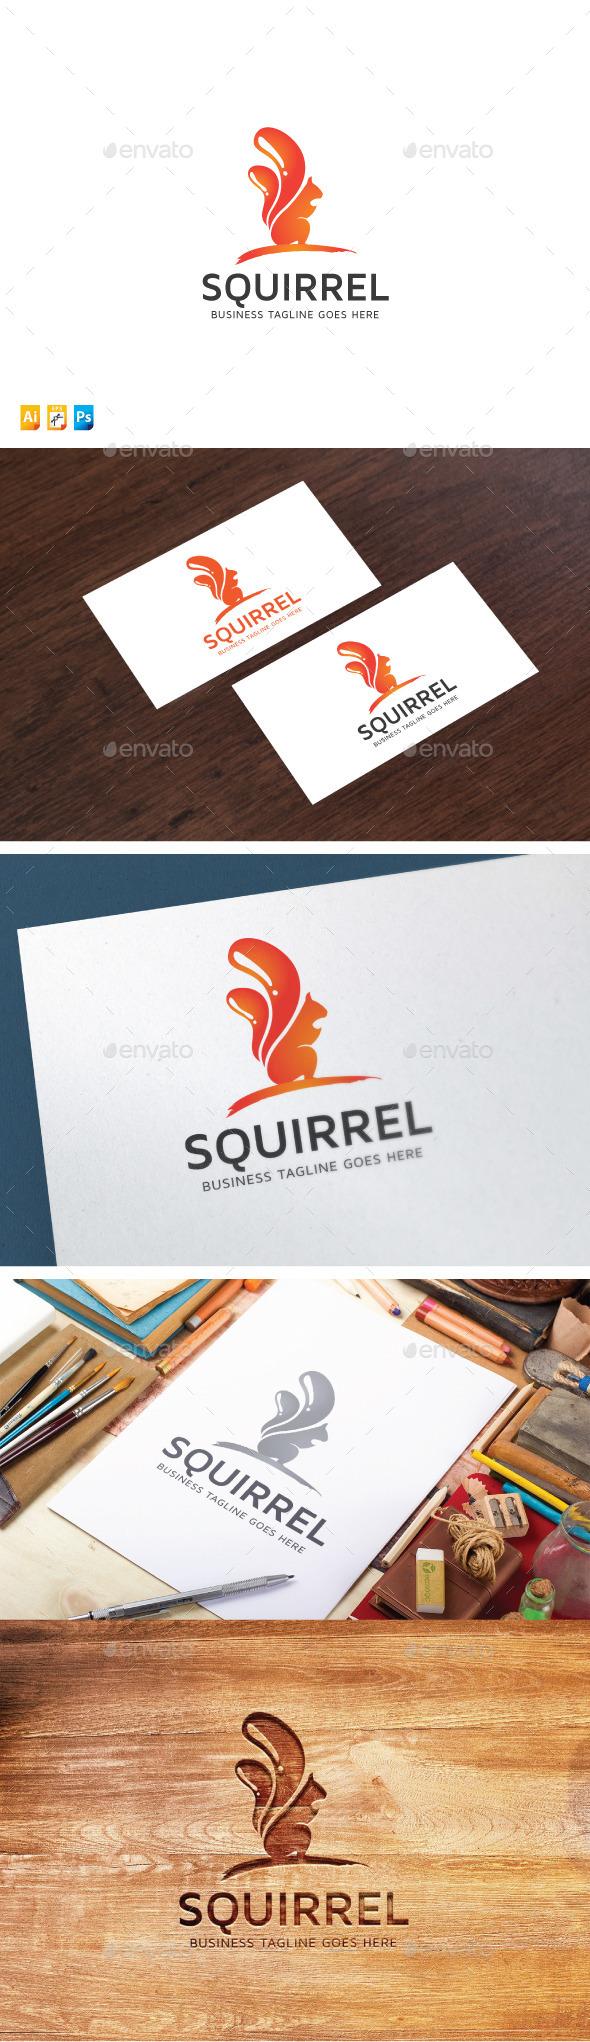 Squirrel Paint Media - Animals Logo Templates